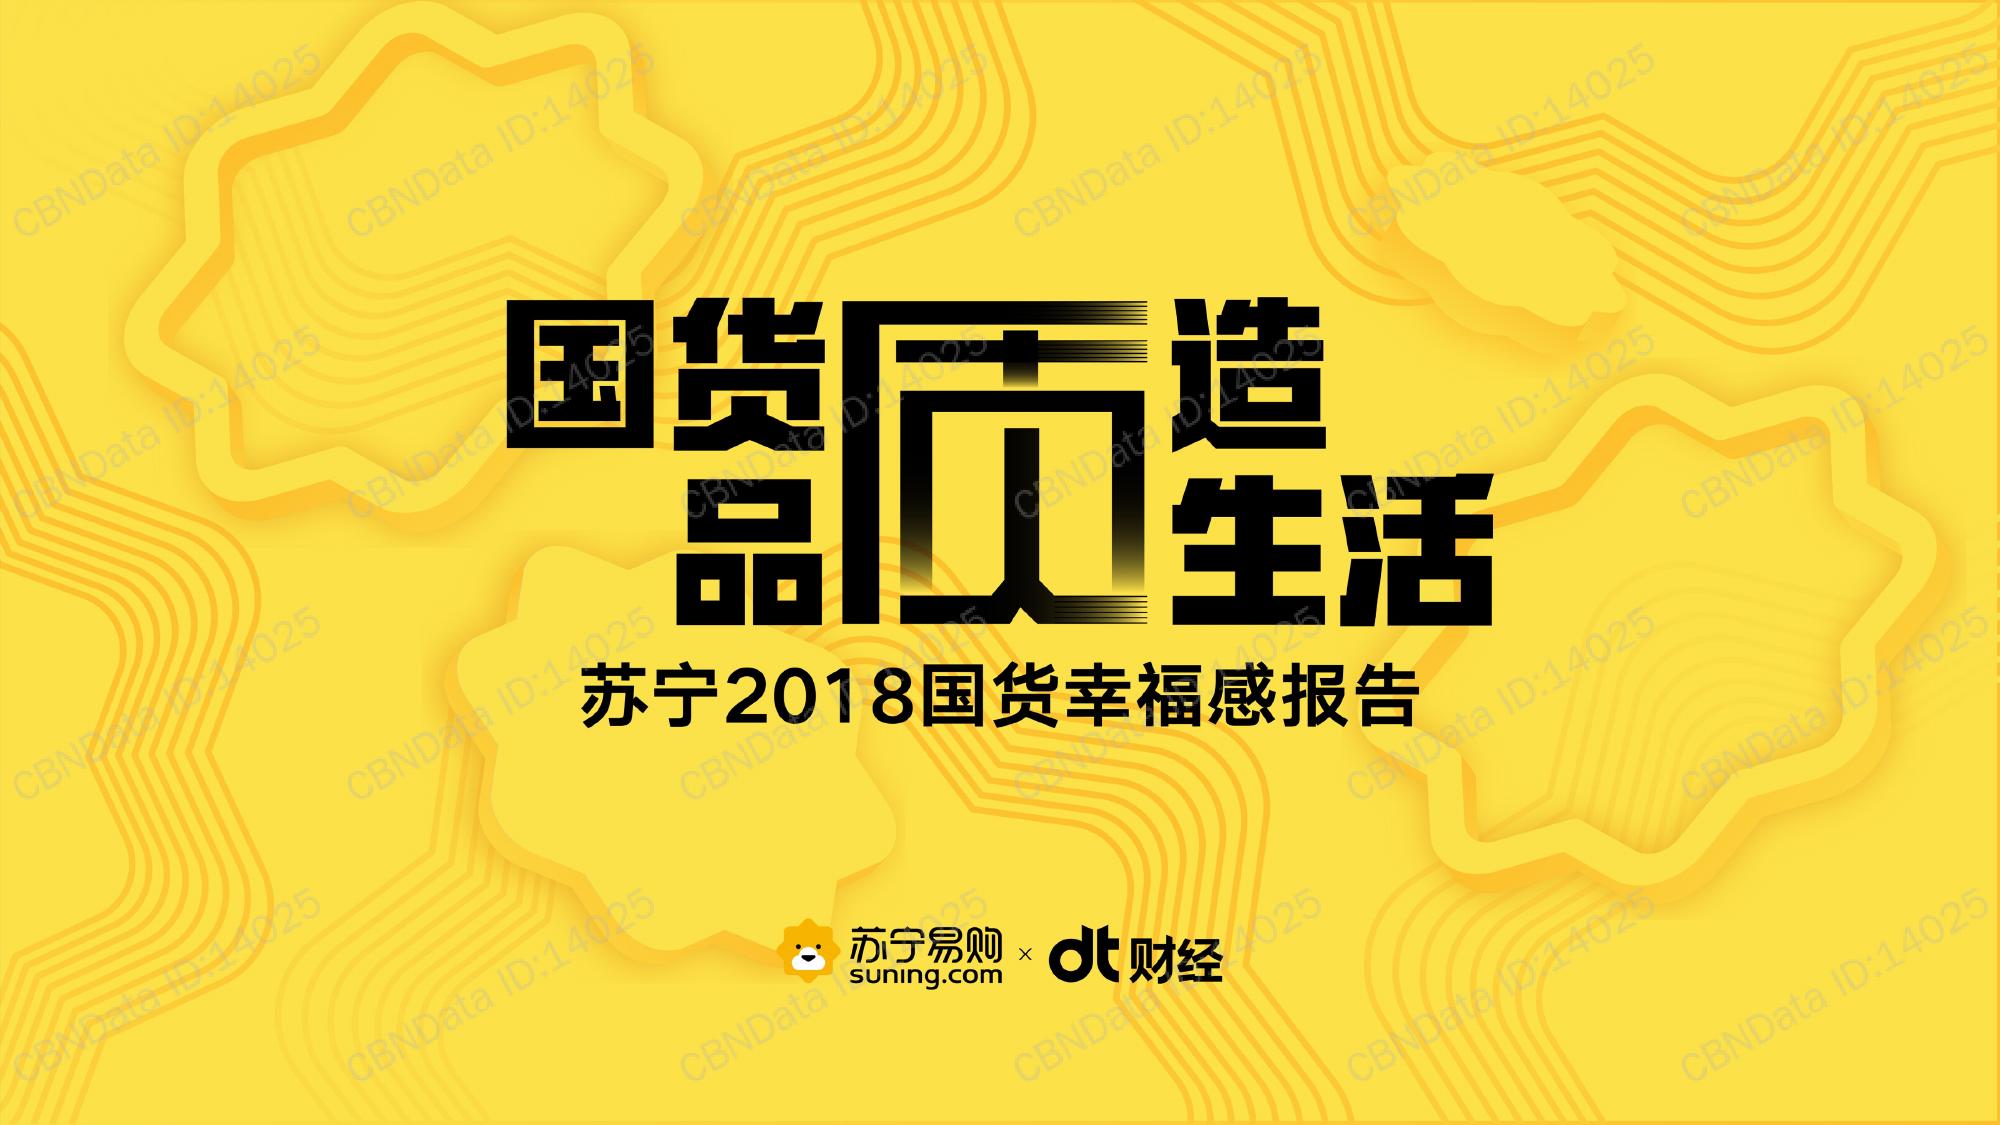 DT财经&苏宁易购:2018国货幸福感报告(附下载)